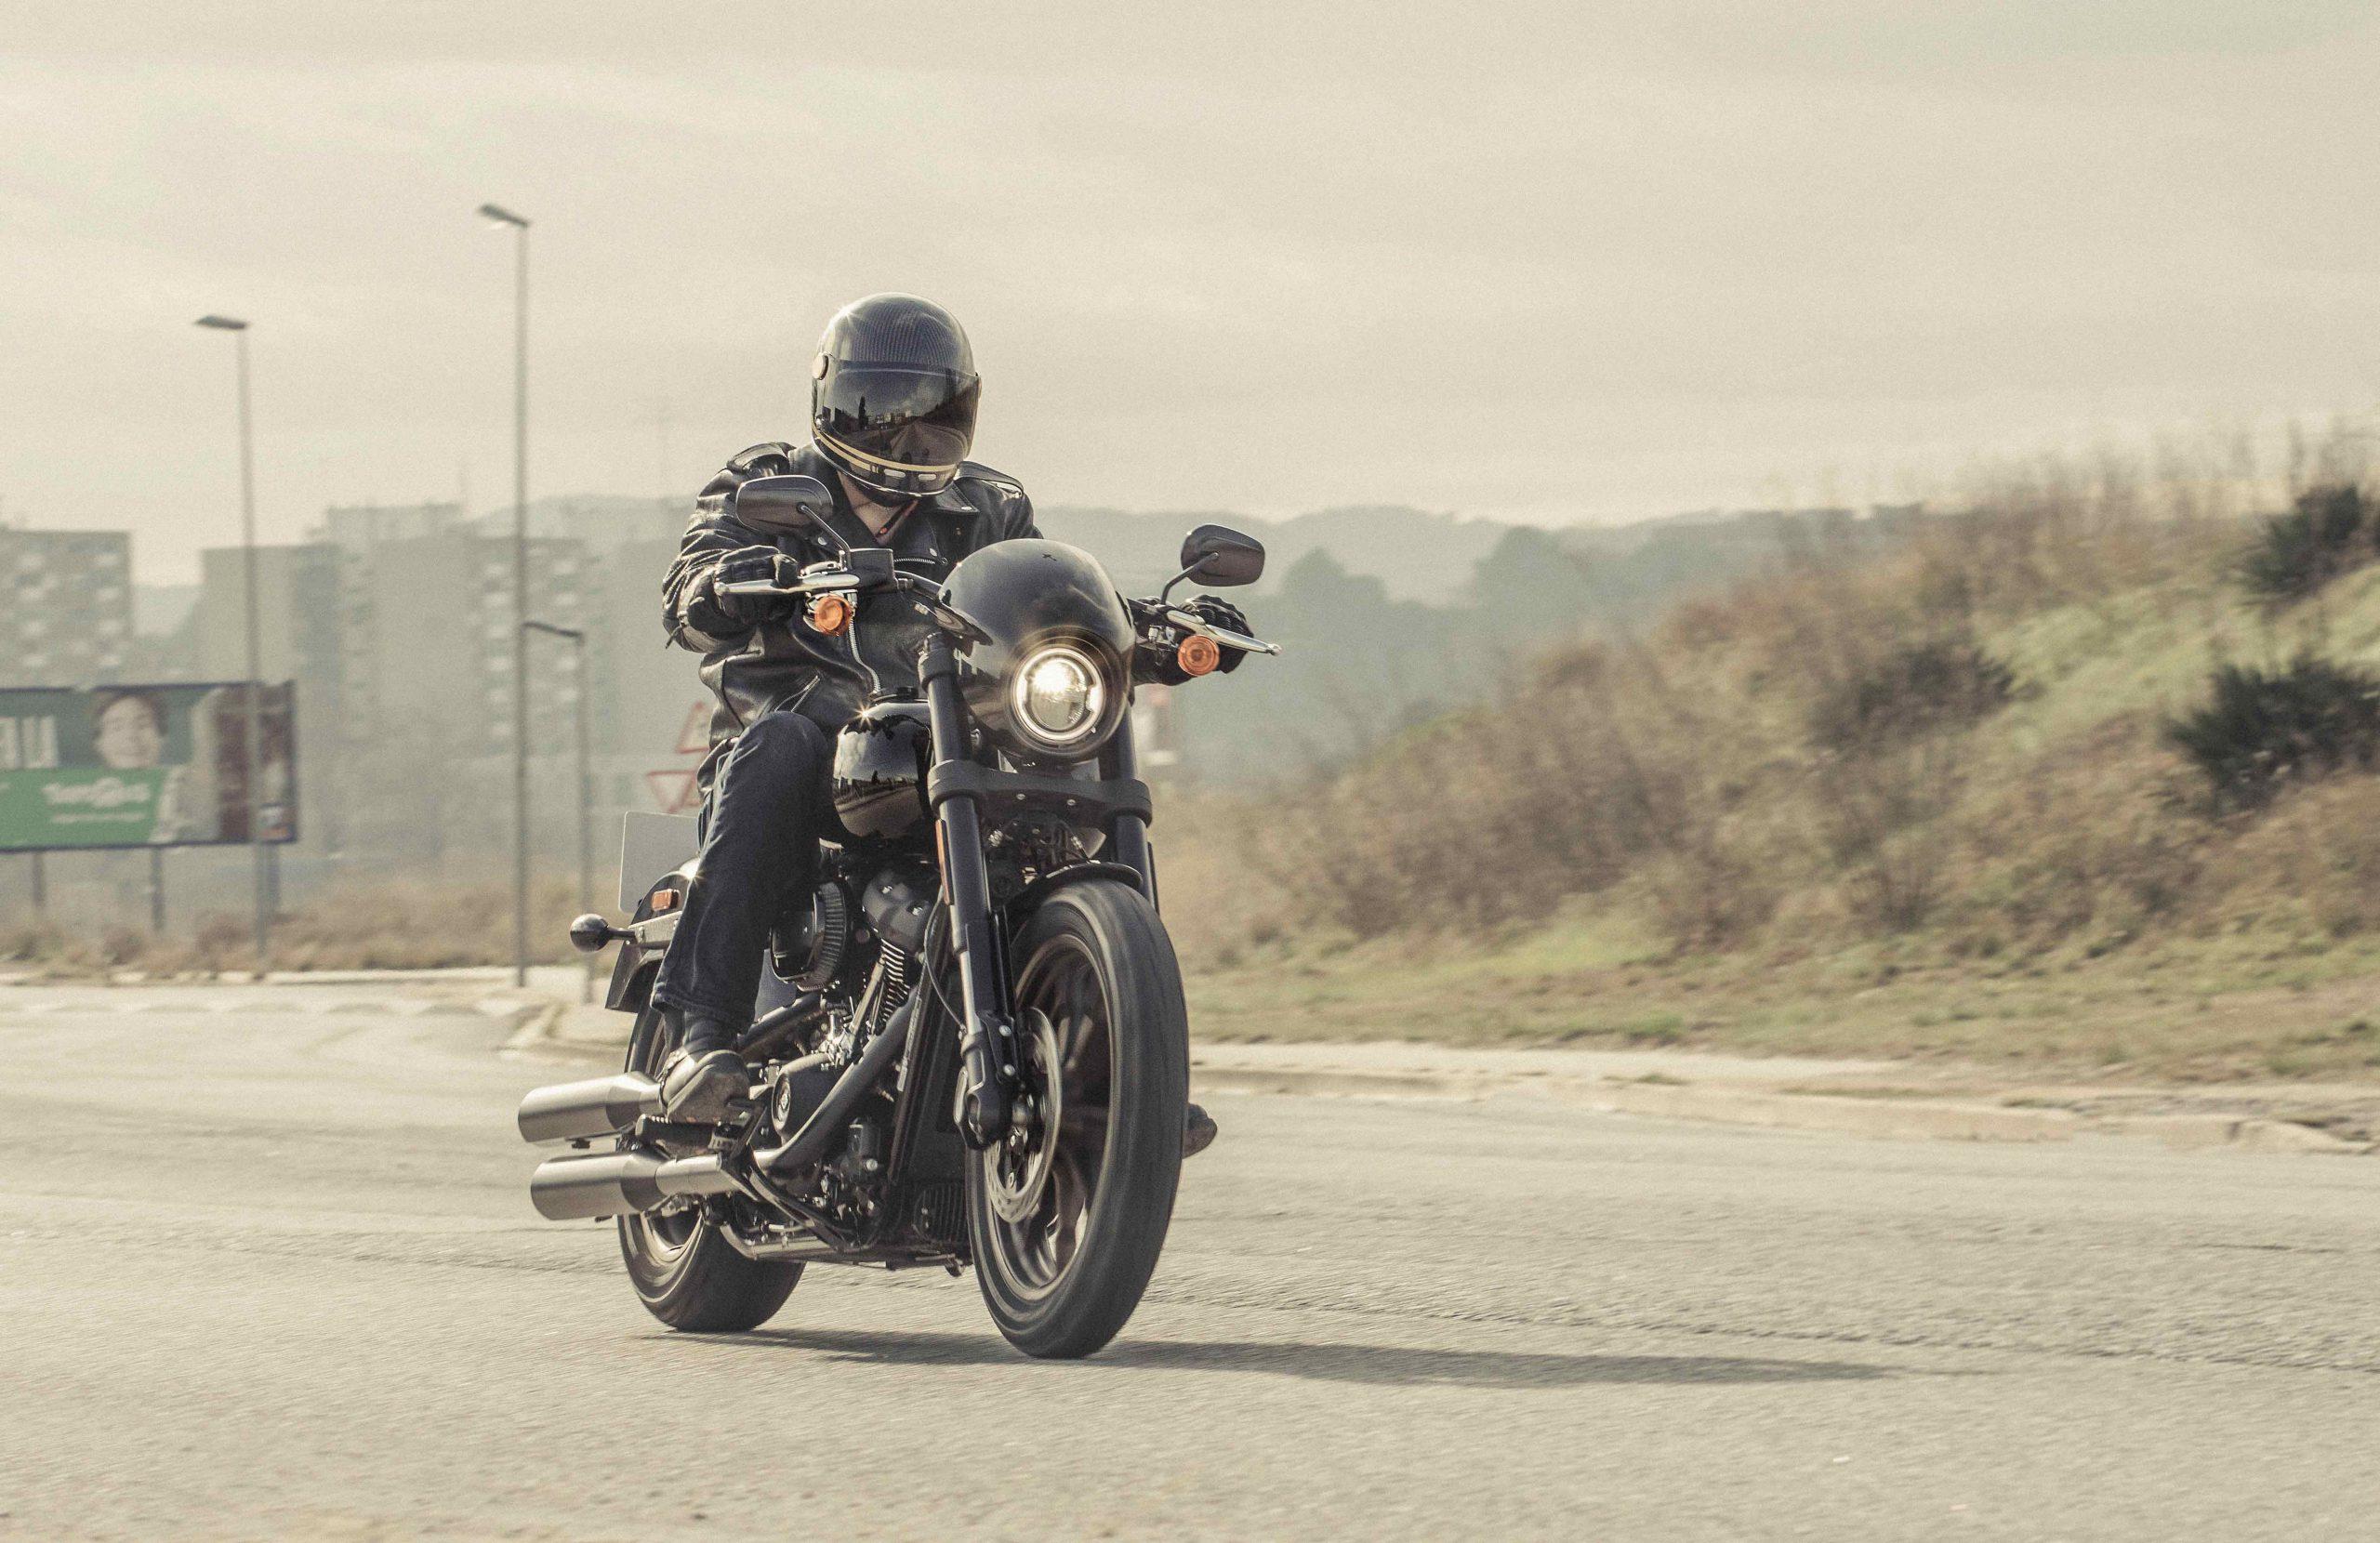 4fotografia-motos-motor-motosnet-dosruedas-fotografa-barcelona-motocicleta-harley